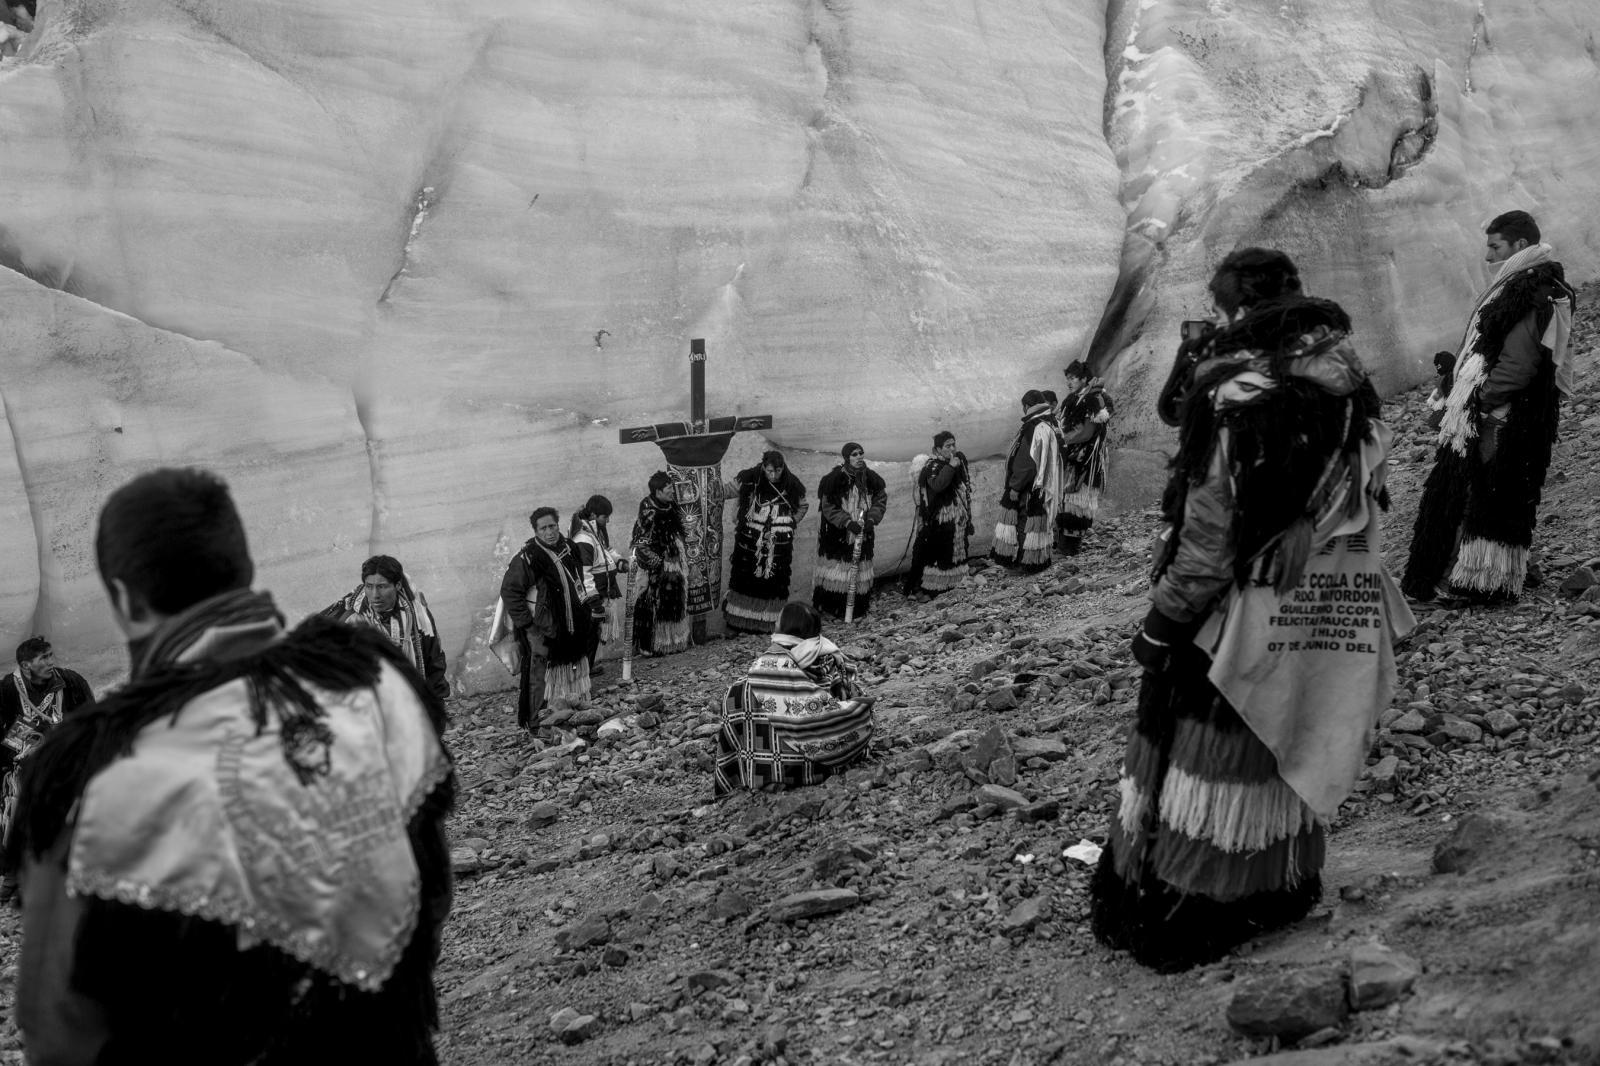 La nación Canchis sube en la madrugada a las faldas del nevado, lugar donde son bautizados los nuevos miembros.